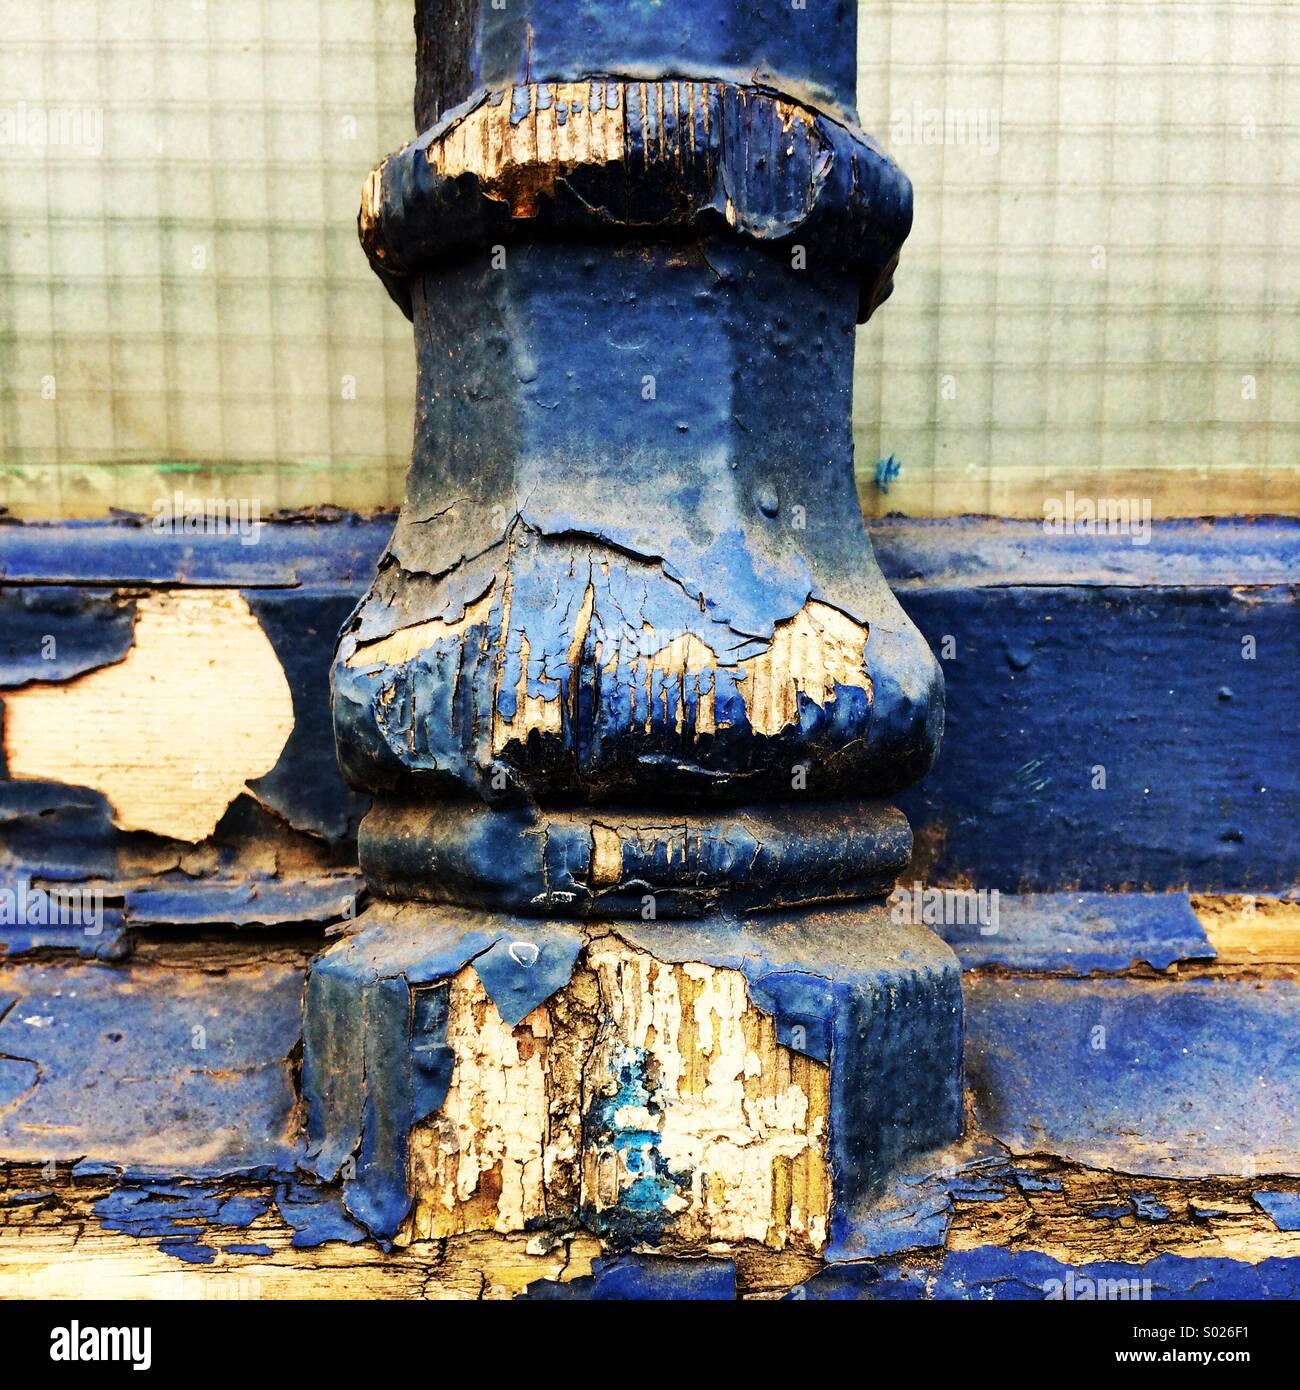 L'épluchage et de l'écaillement de peinture bleu sur un châssis de fenêtre. Photo Stock